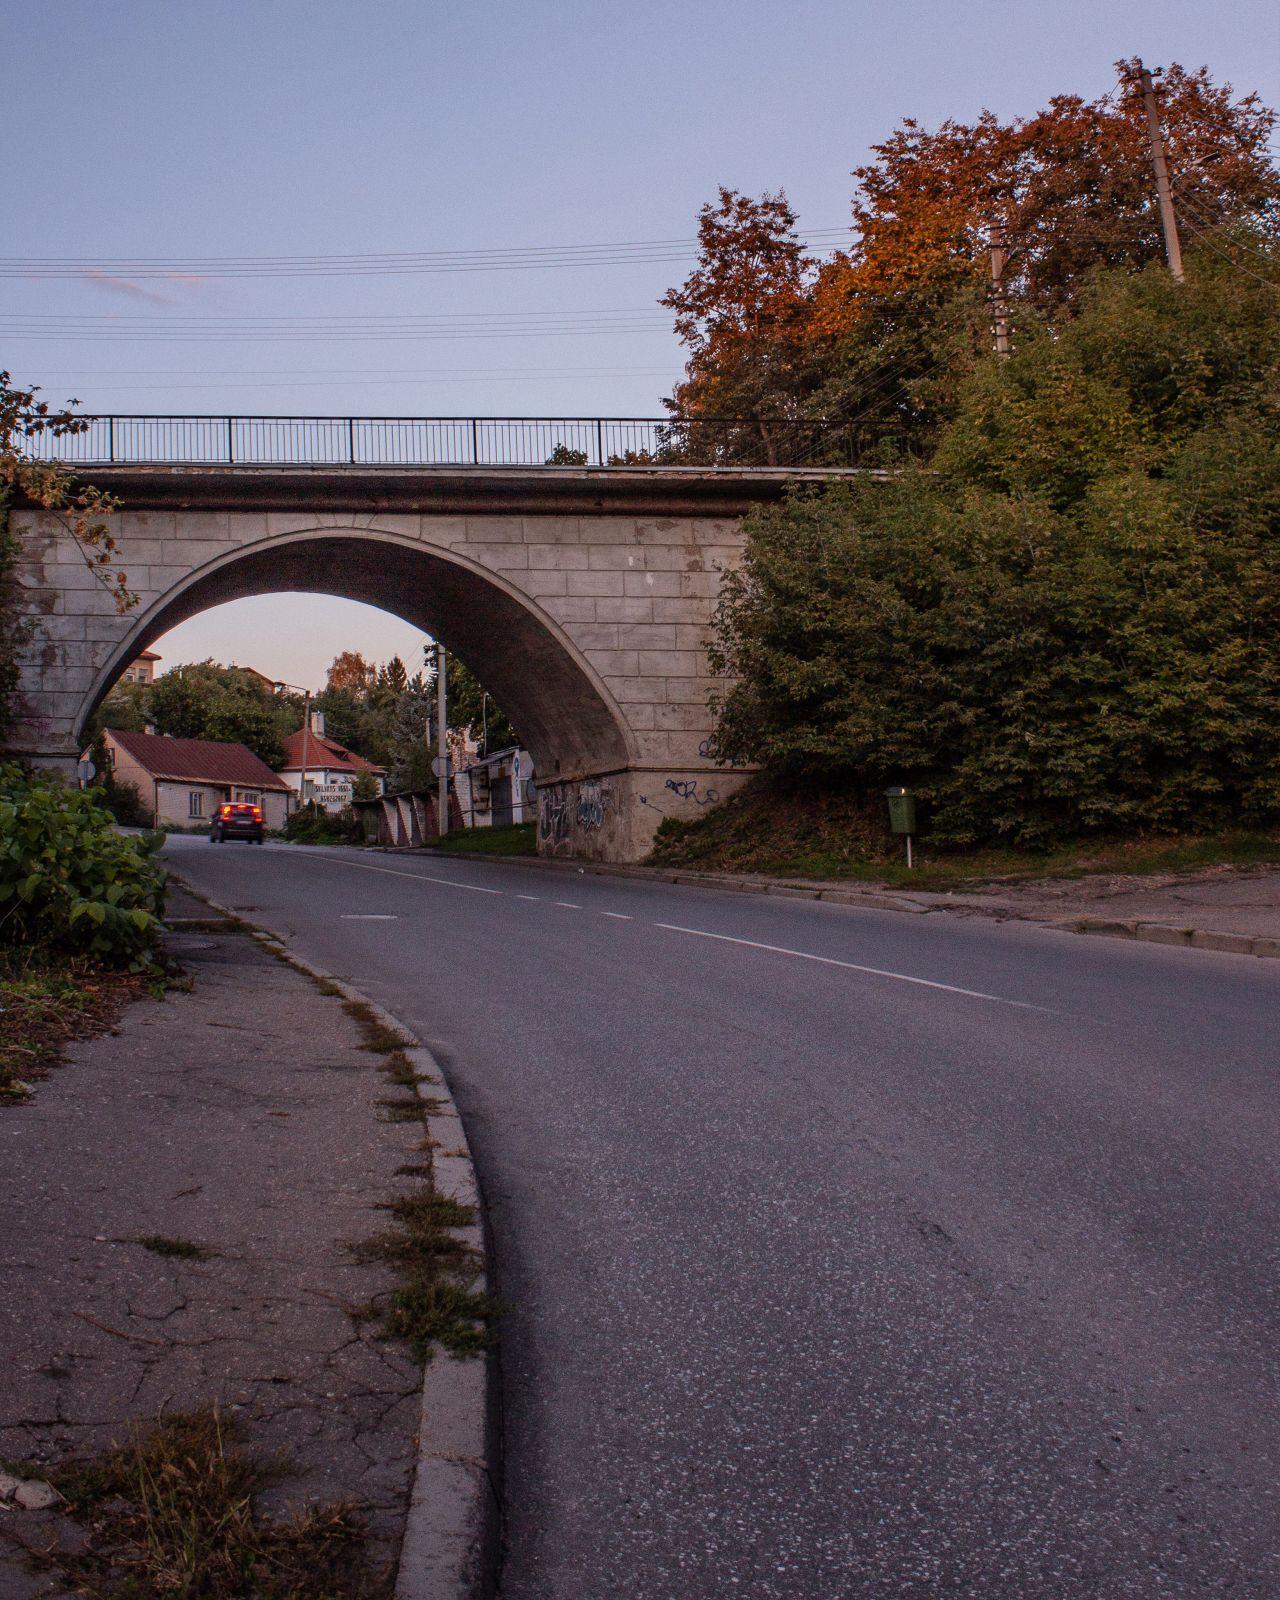 Žaliakalnio viadukas